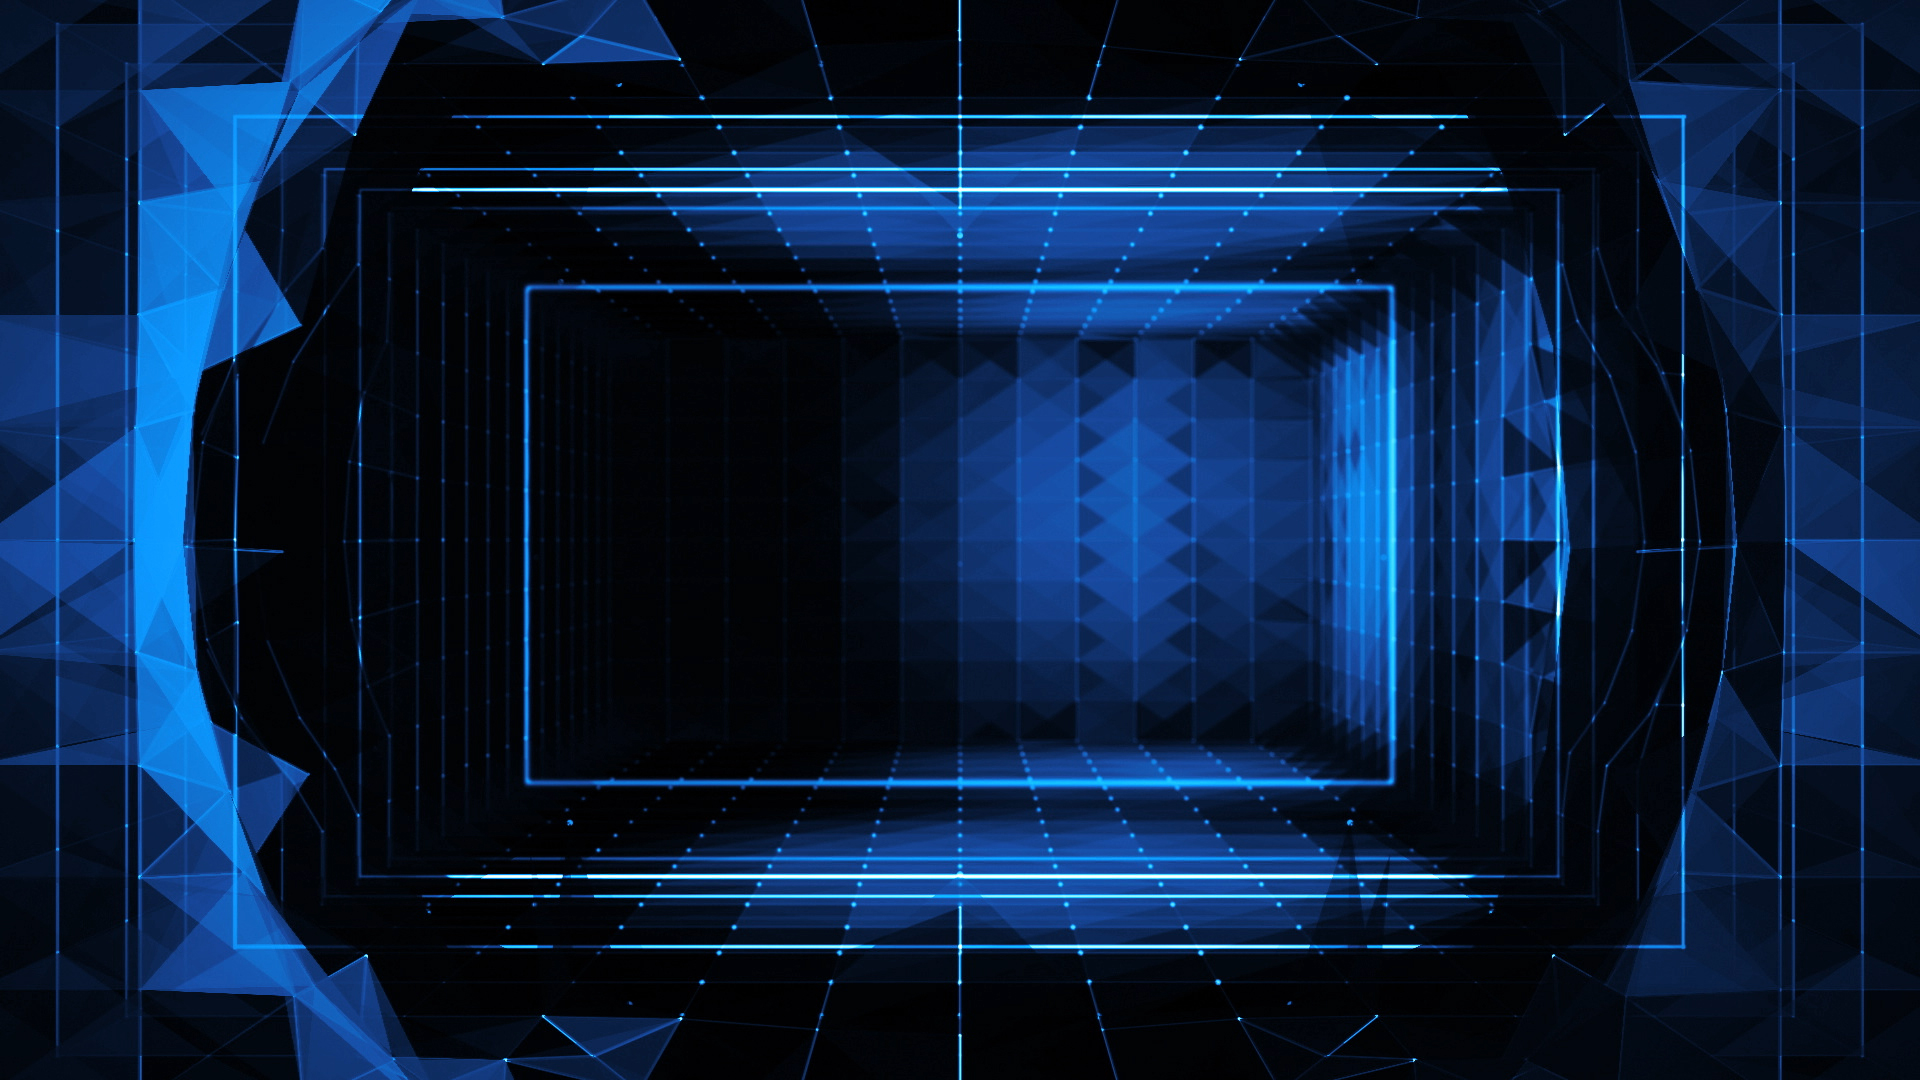 VJ Grid Room VJ Loop by Ghosteam